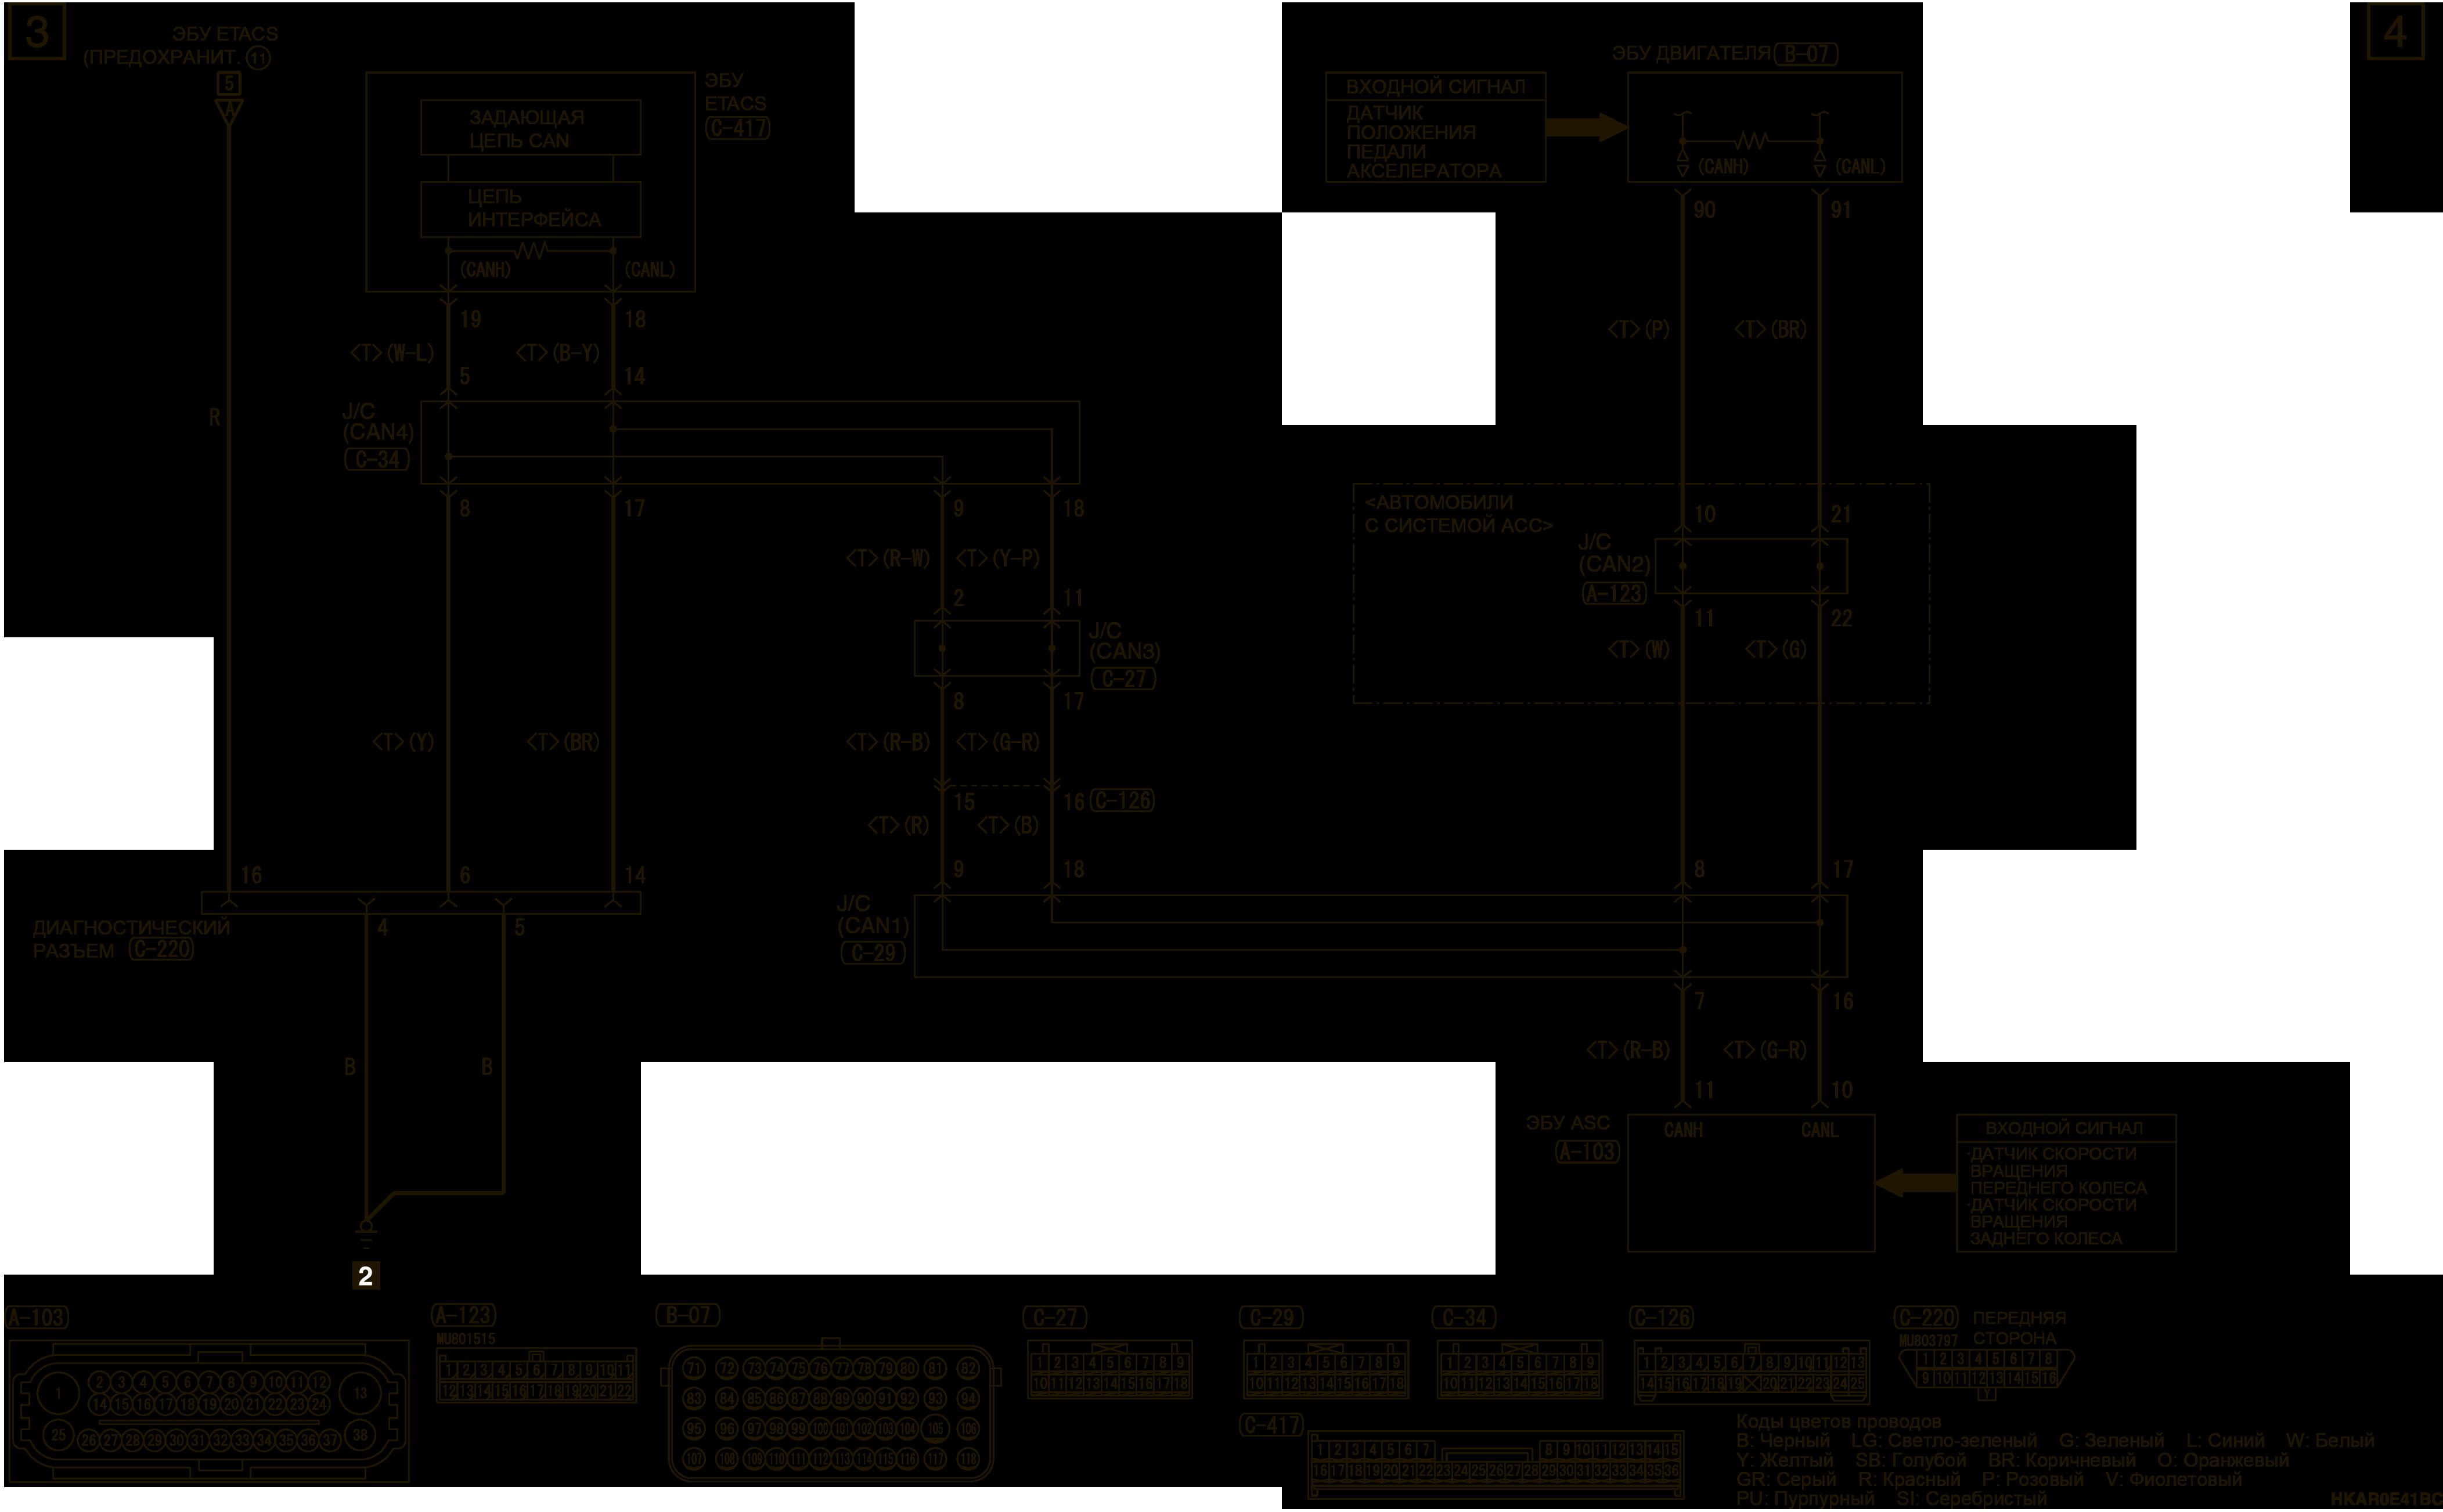 mmc аутлендер 3 2019 электросхемаЗУММЕР СИГНАЛИЗАТОРА НЕЗАКРЫТЫХ ДВЕРЕЙ ПРАВАЯ СТОРОНА